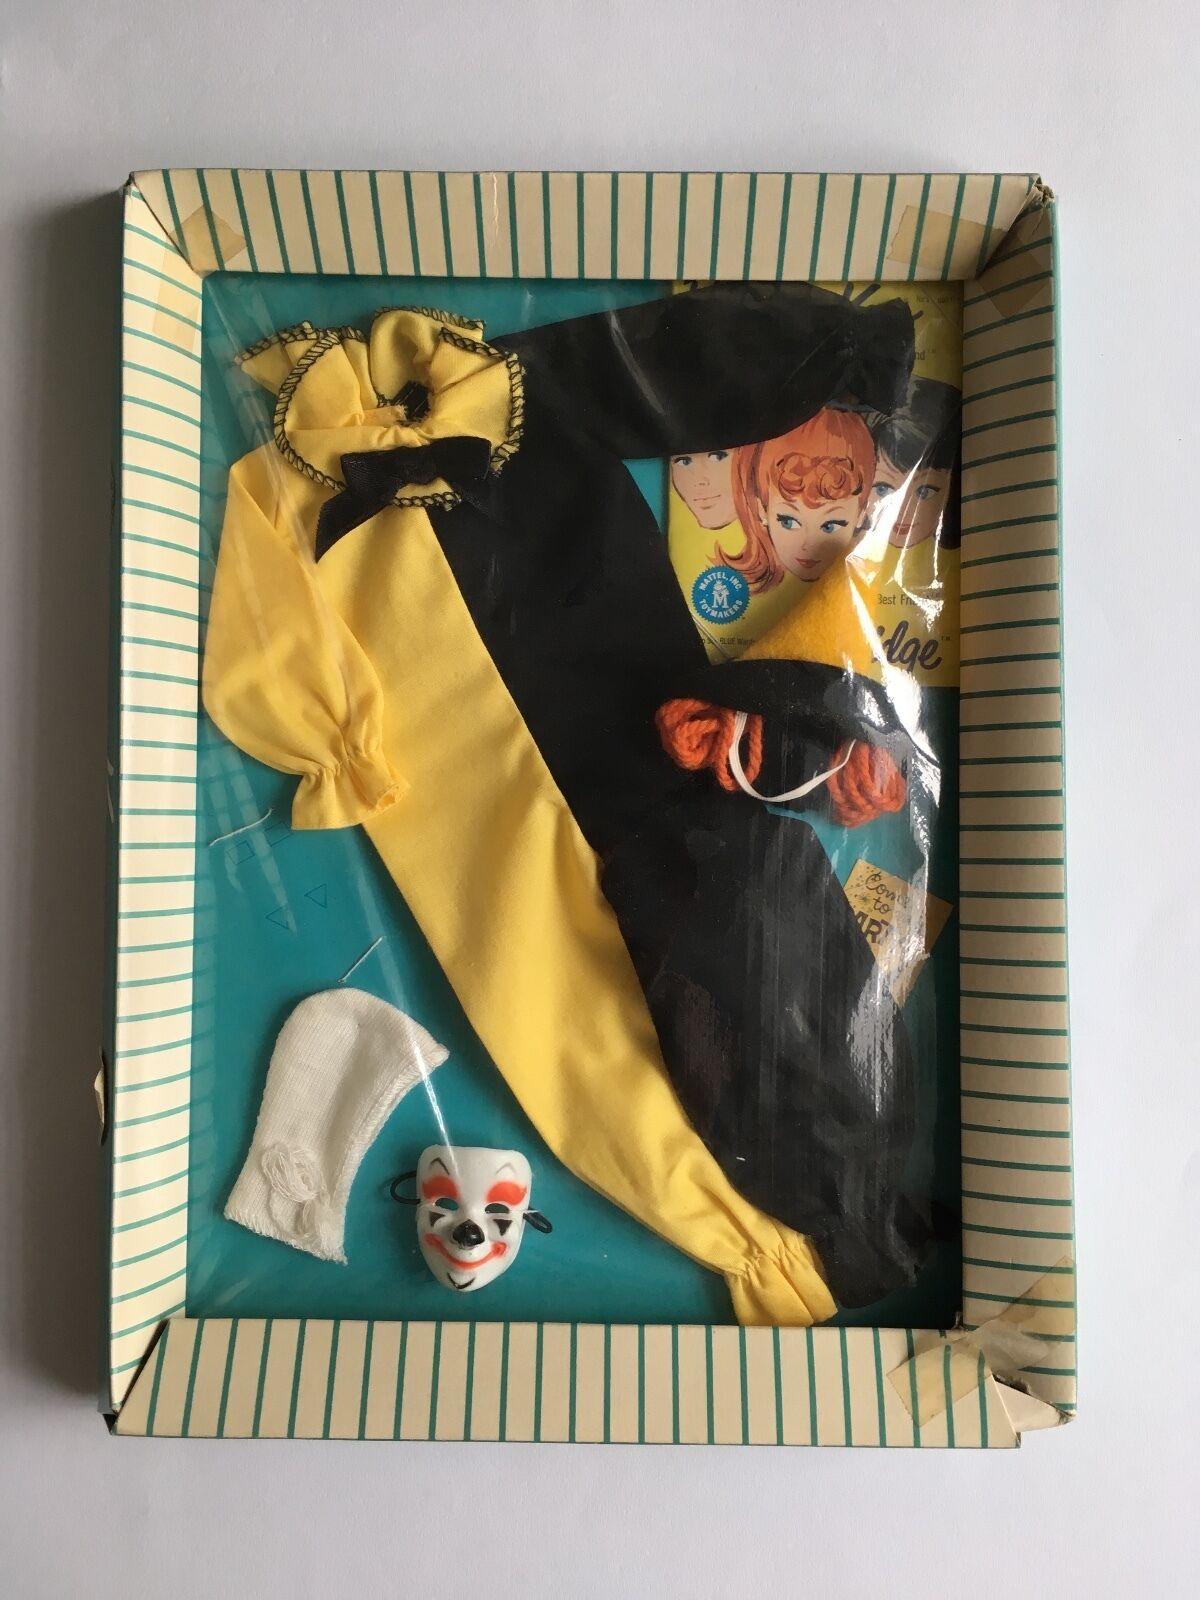 outlet in vendita VINTAGE BARBIE bambola 1963 Ken bambola Masquerade    794 NRFB OUTFIT  fino al 70% di sconto